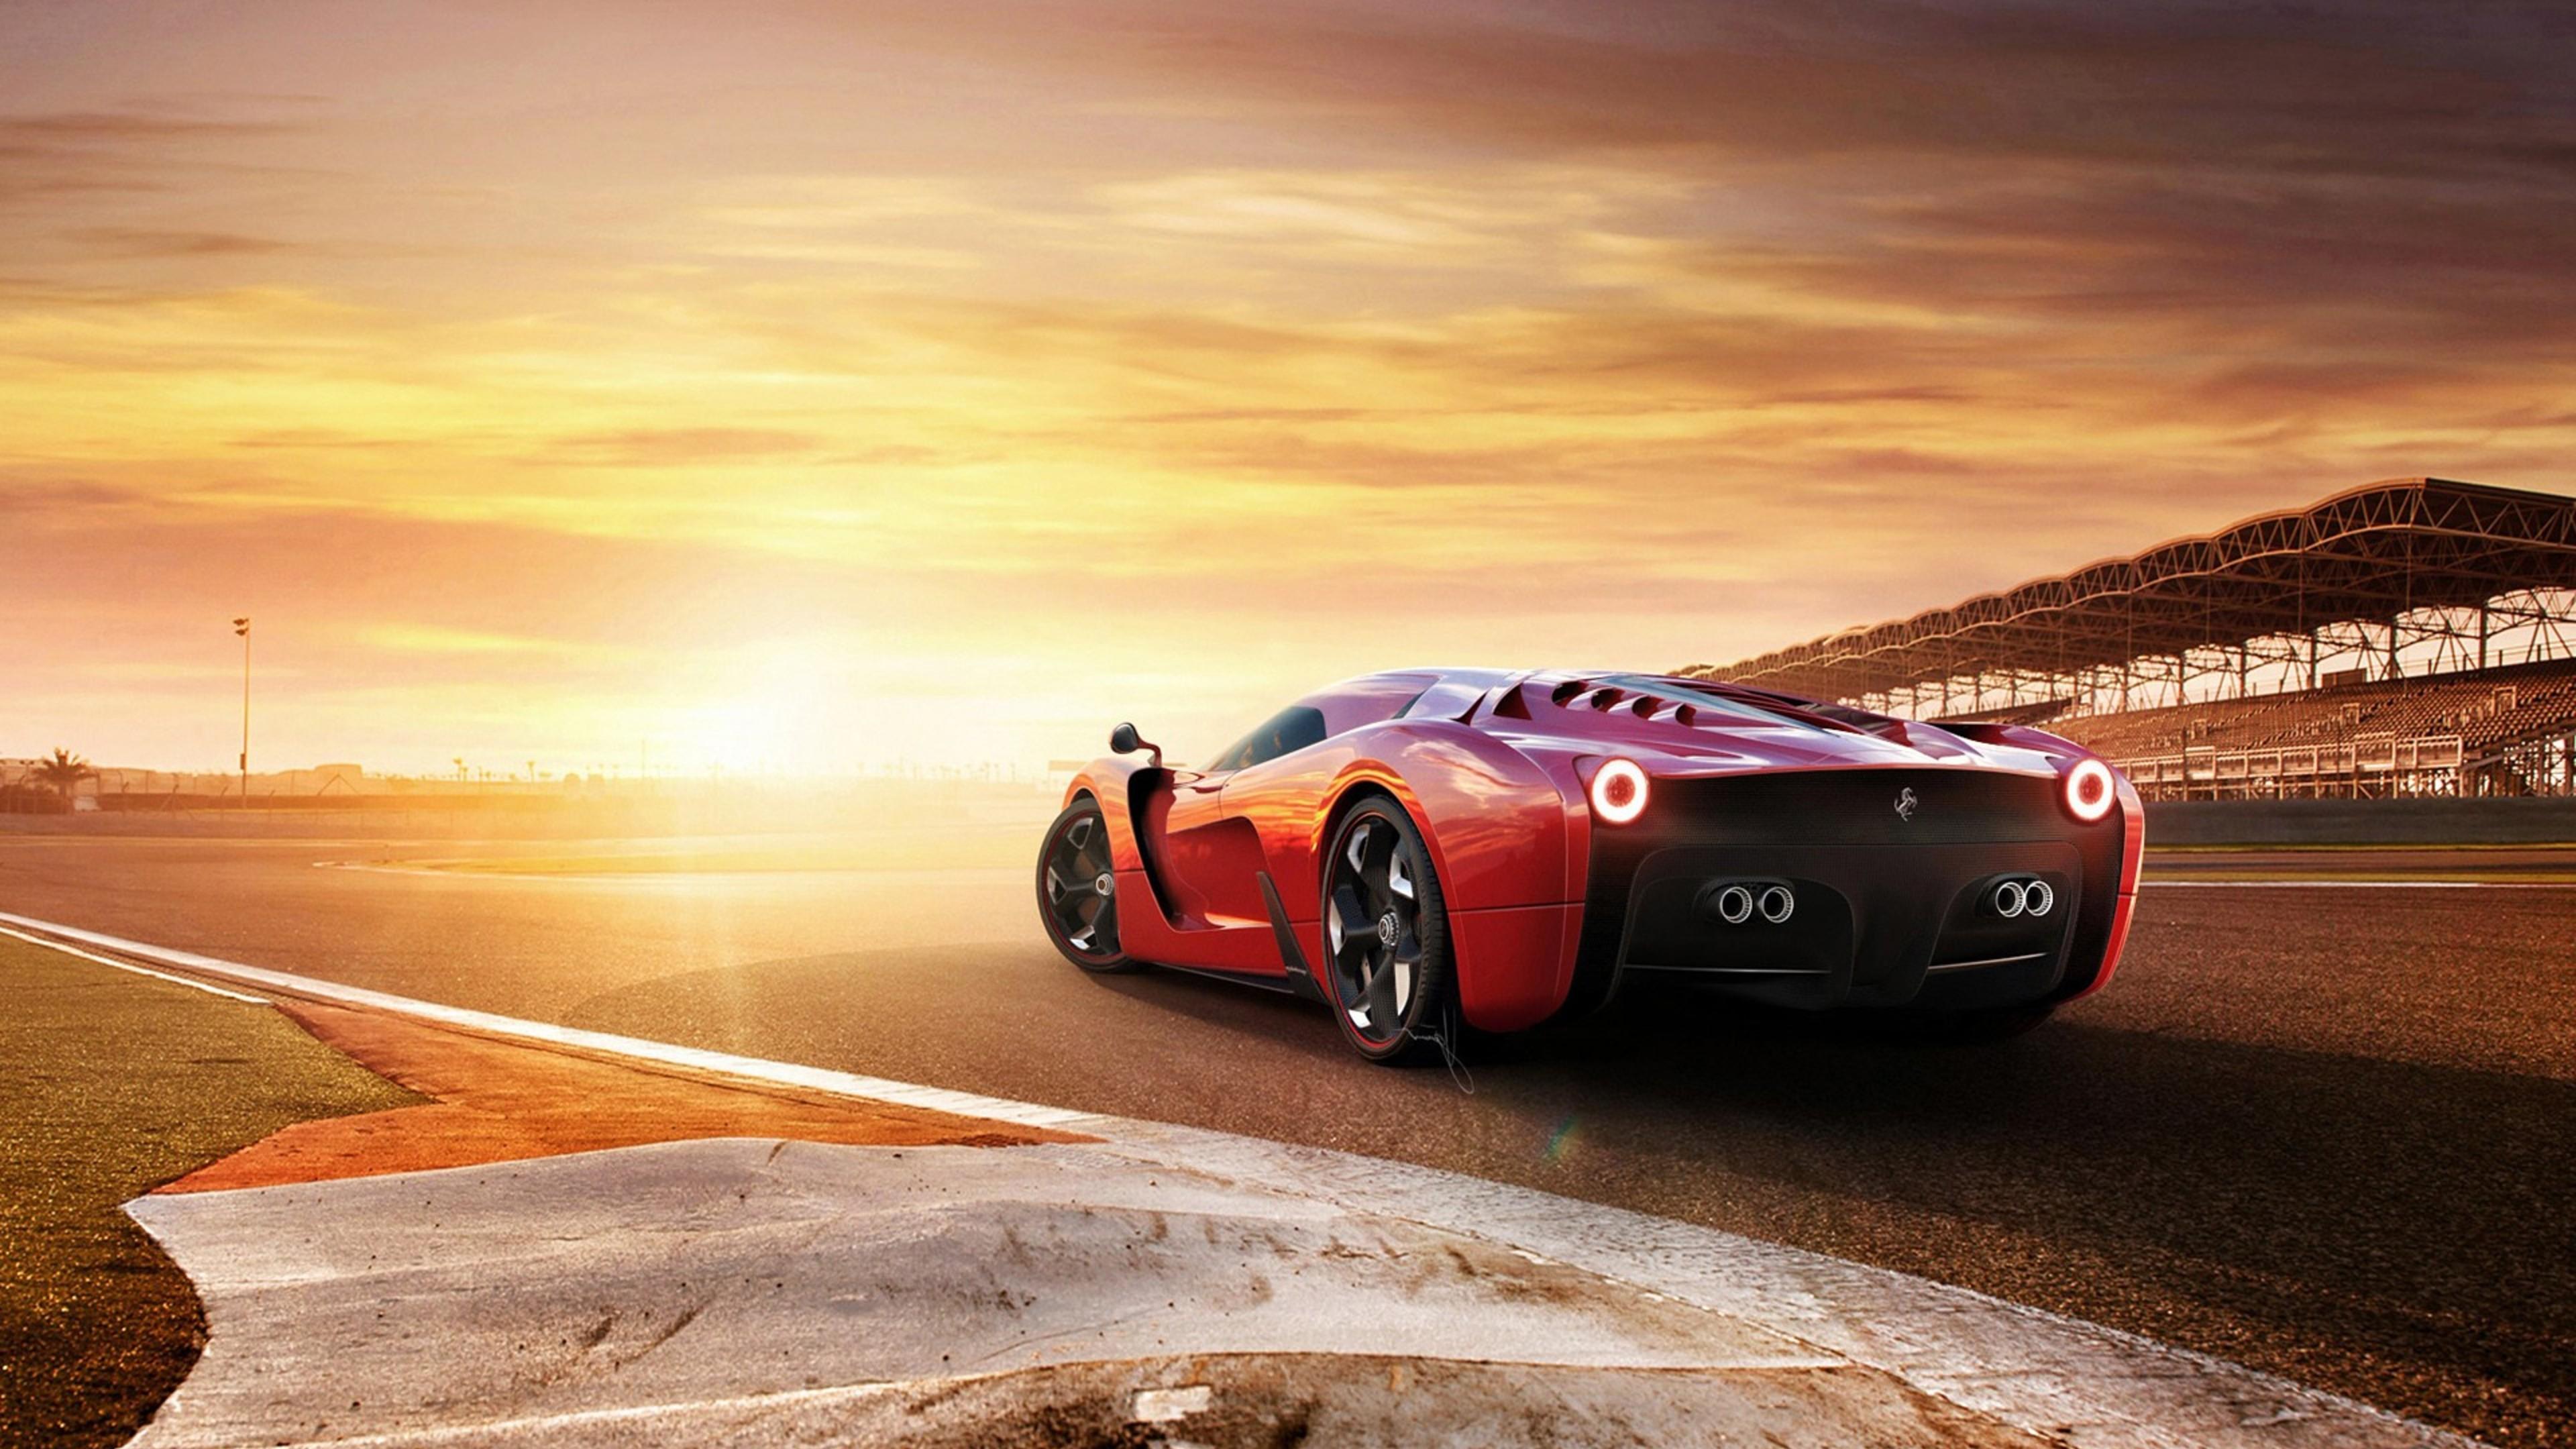 Ferrari 458 Concept Car, HD Cars, 4k Wallpapers, Images